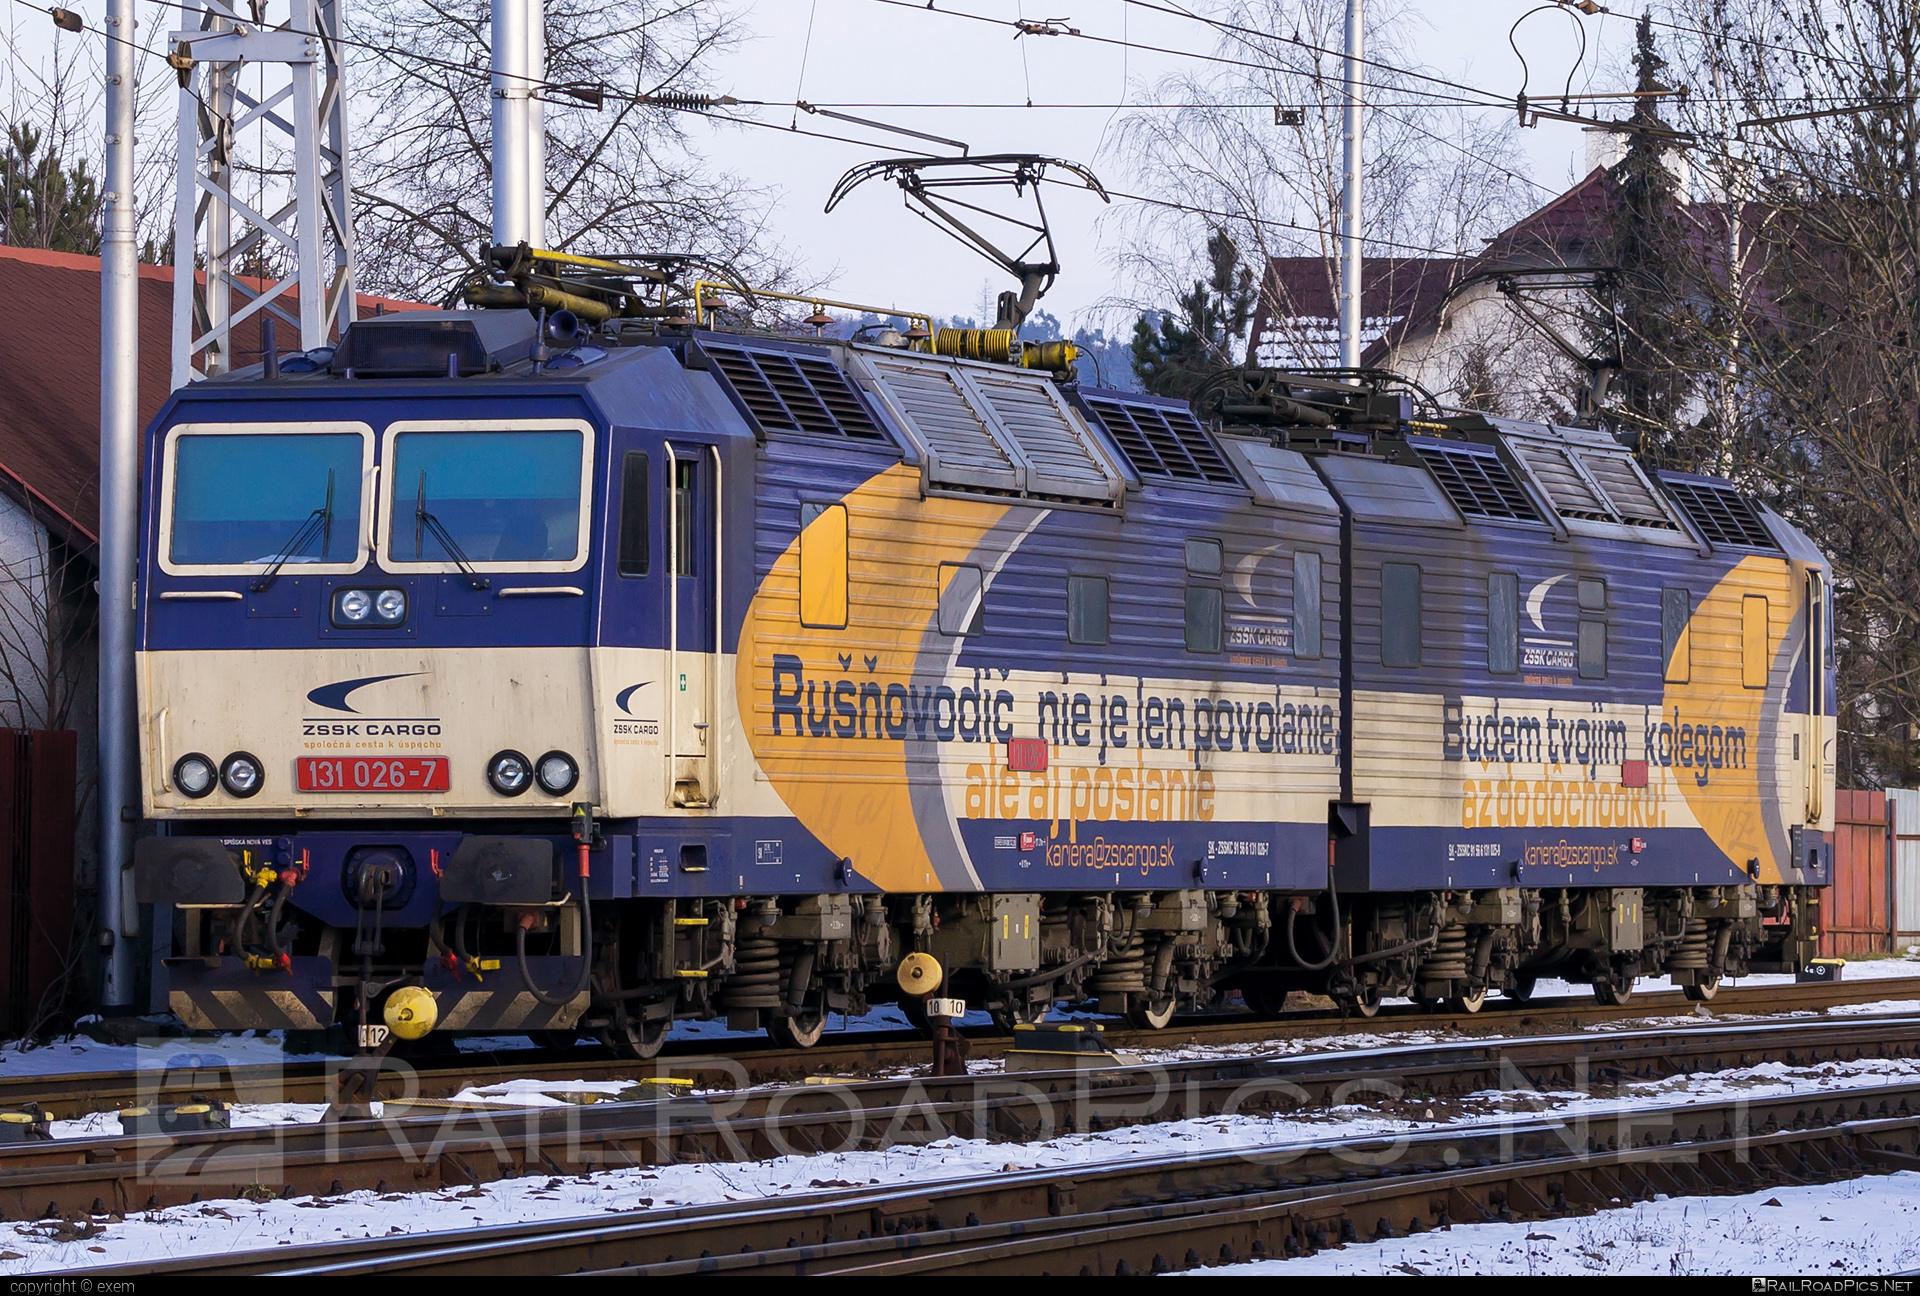 Škoda 58E - 131 026-7 operated by Železničná Spoločnost' Cargo Slovakia a.s. #ZeleznicnaSpolocnostCargoSlovakia #e4791 #locomotive131 #skoda #skoda58e #zsskcargo